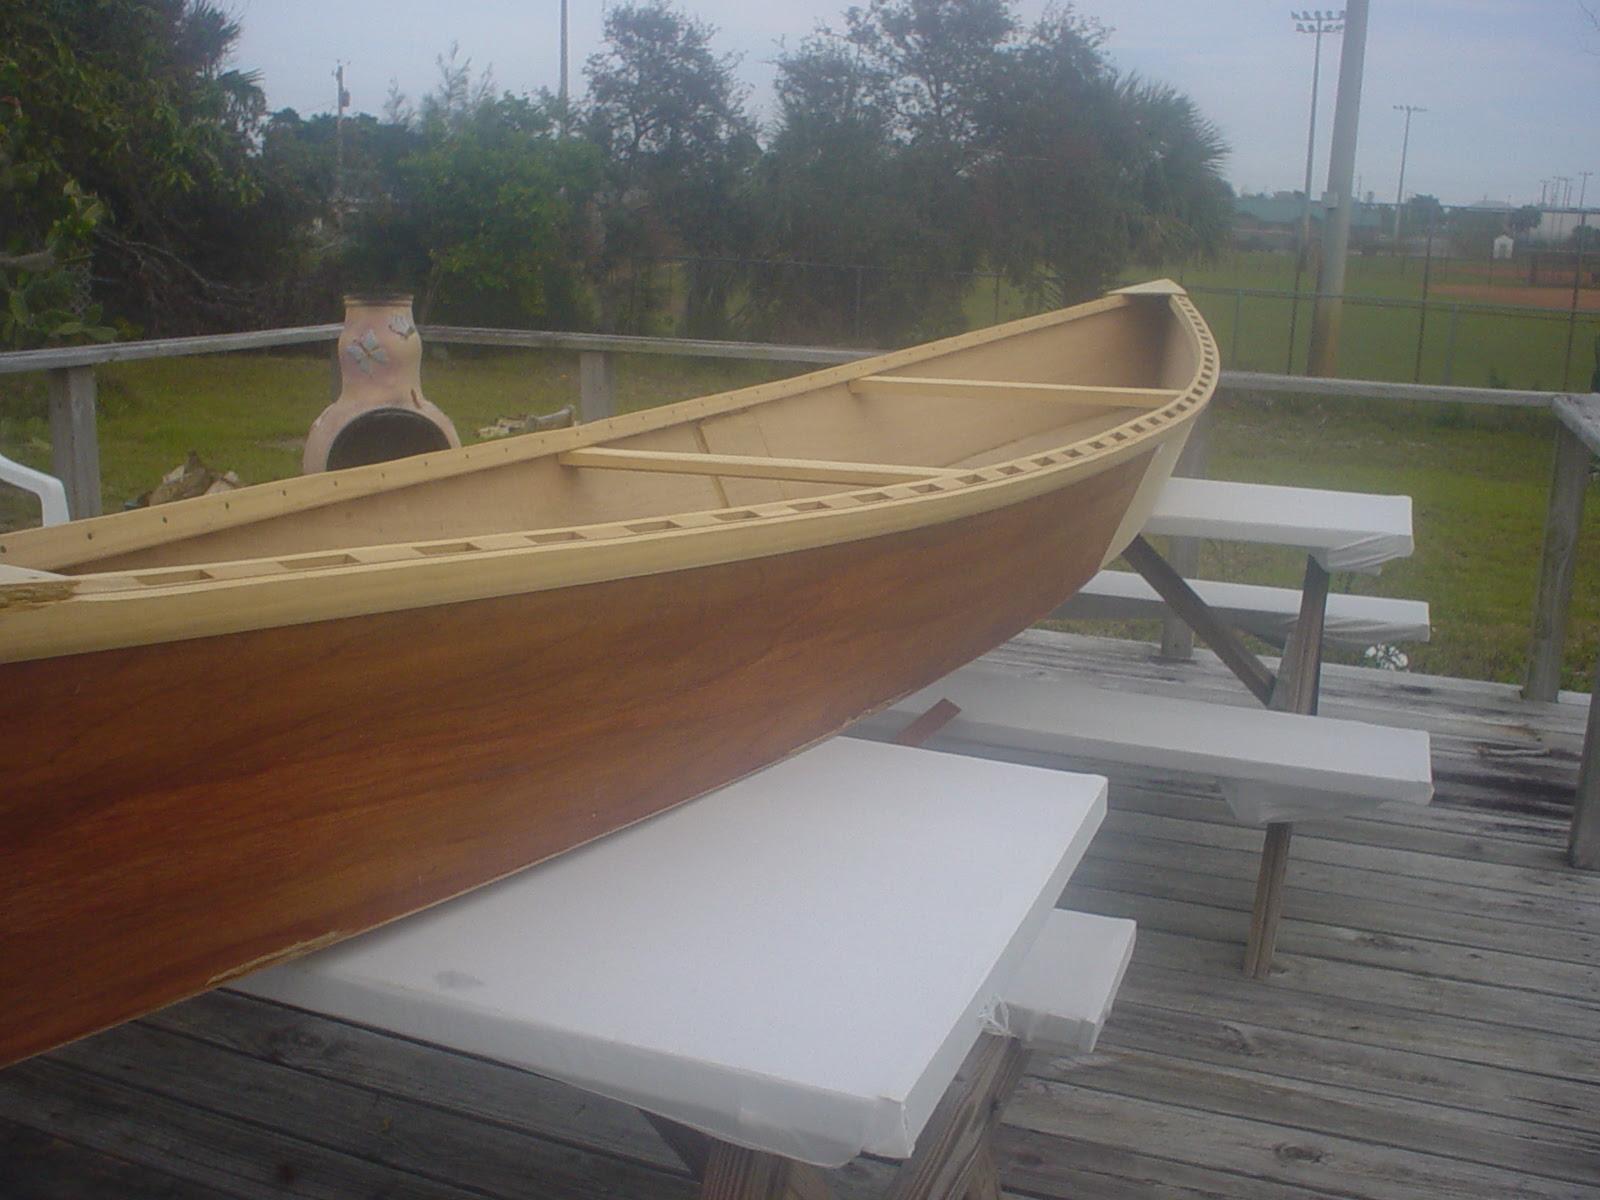 Revisiting an Old Friend – Home built Wooden Pirogue (Cheap Canoe